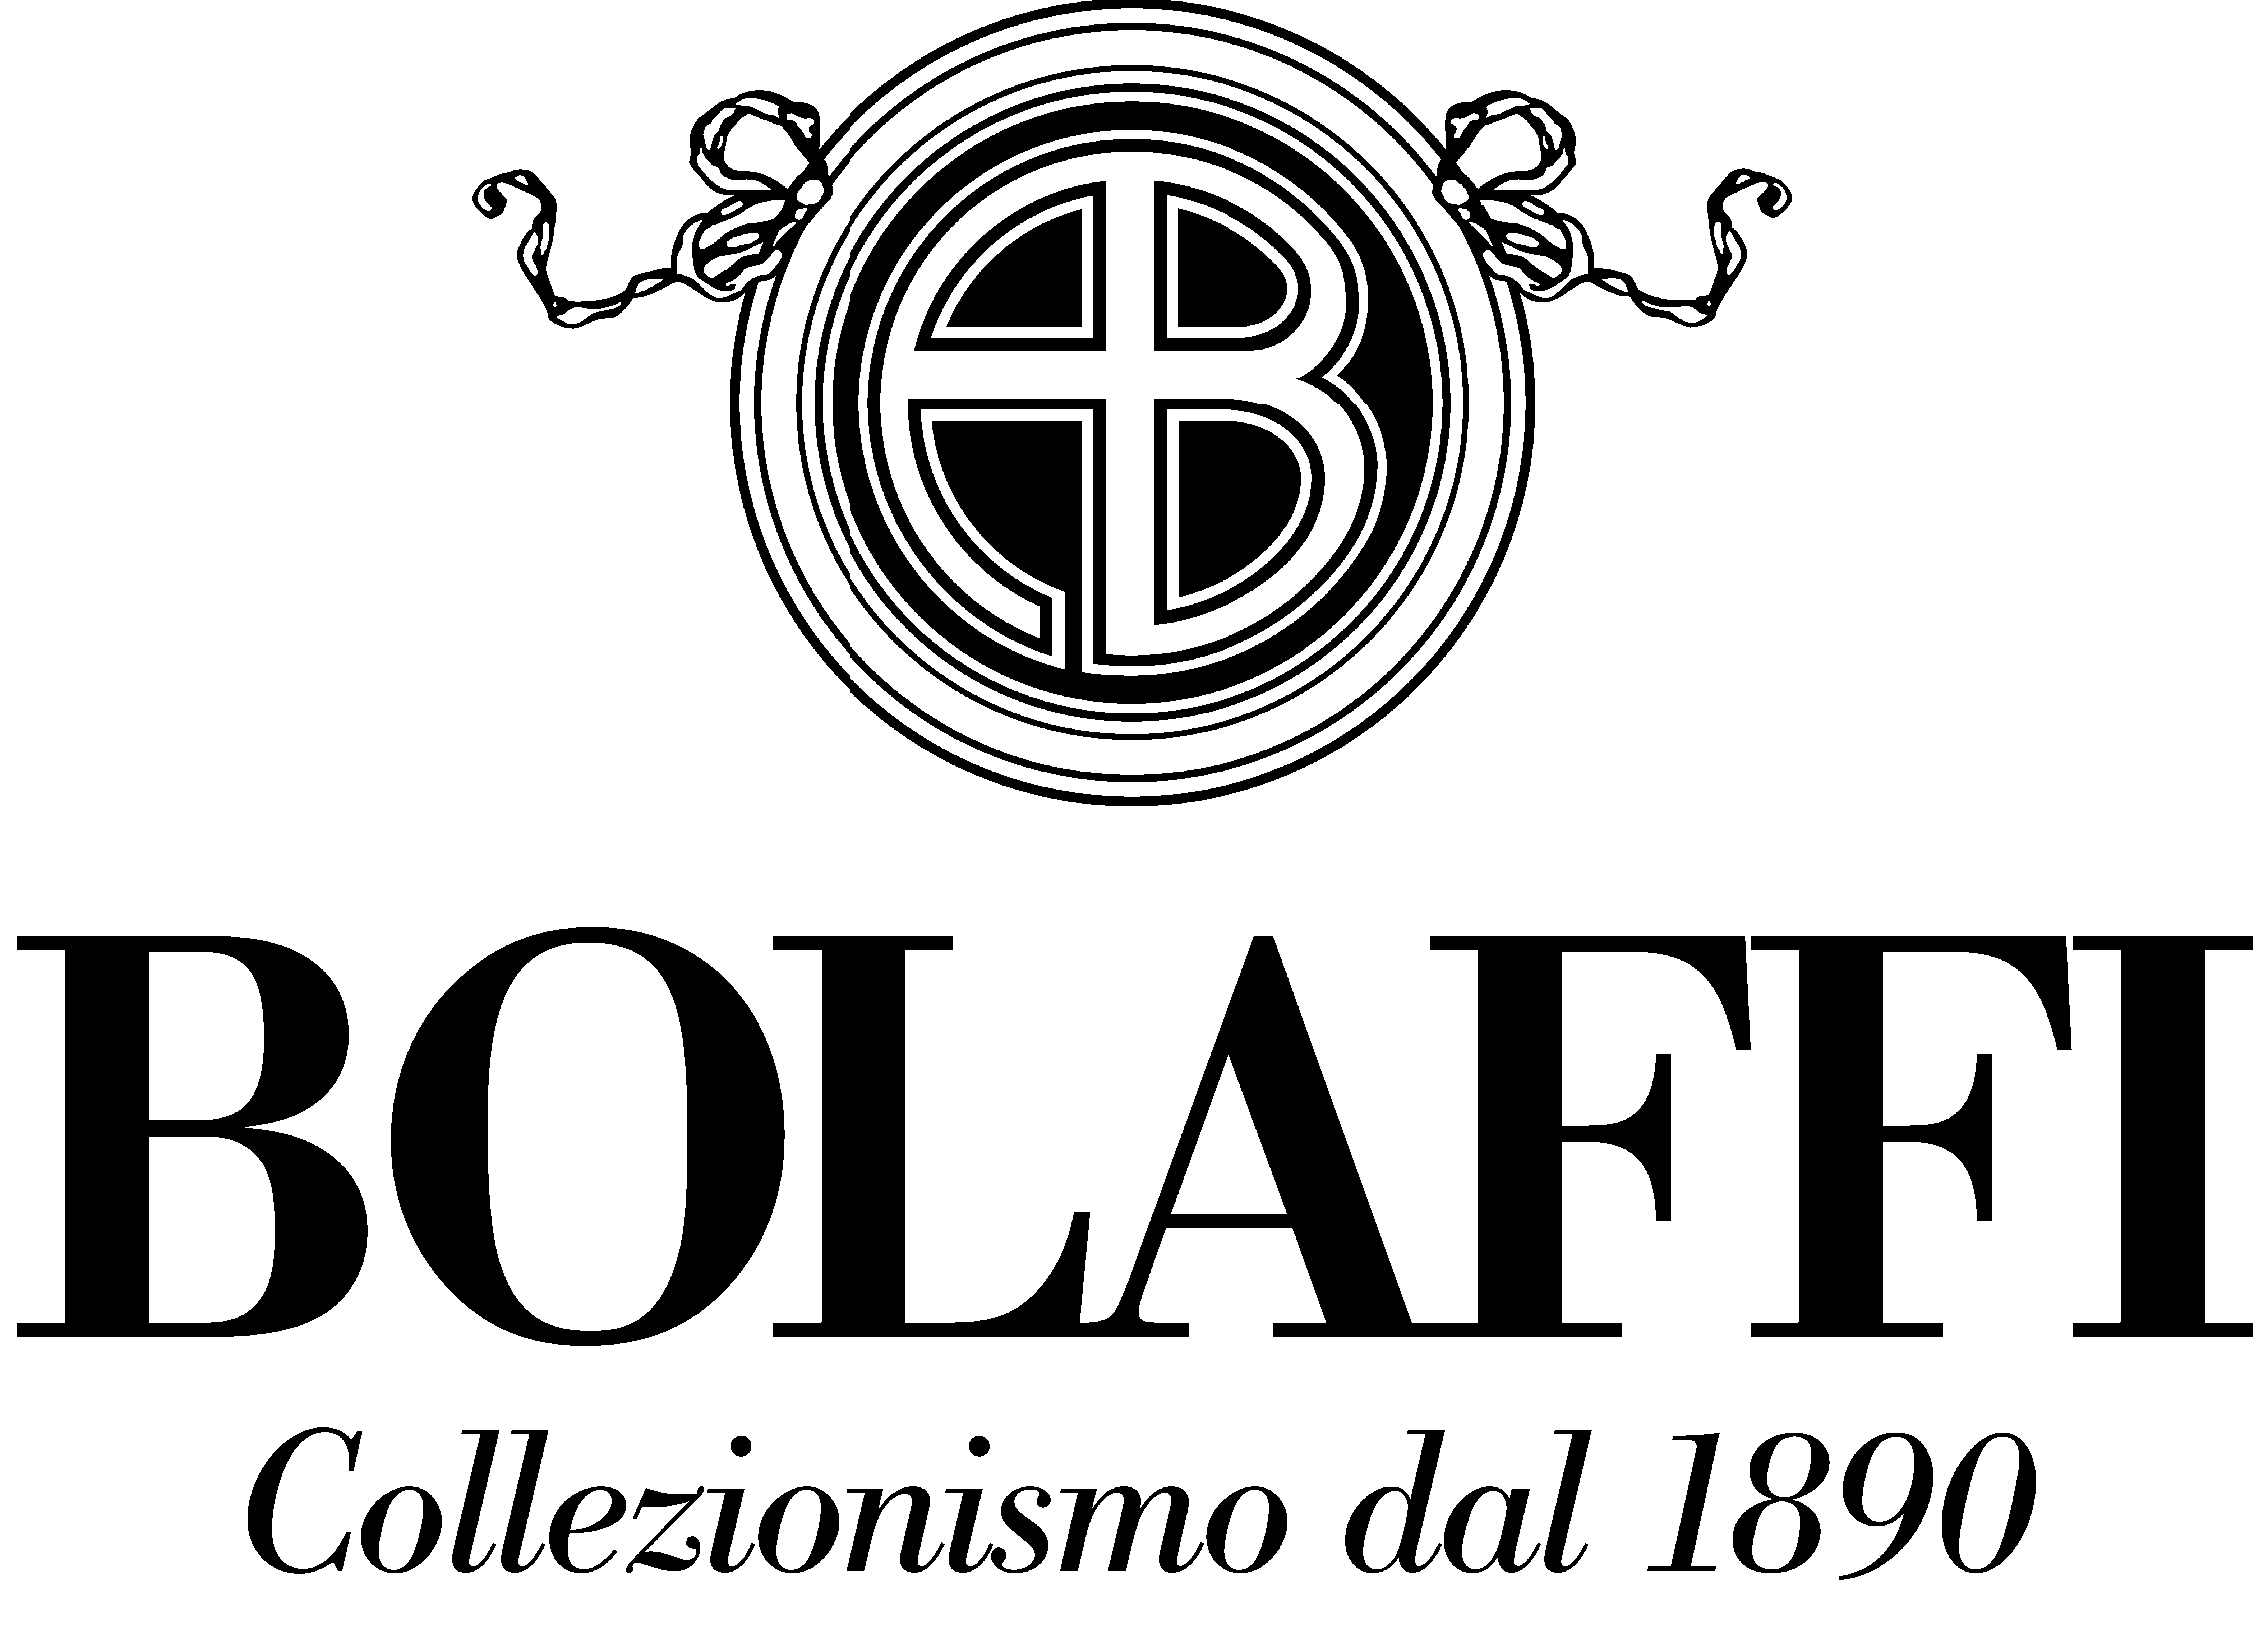 Bolaffi_collezion_dal_1890